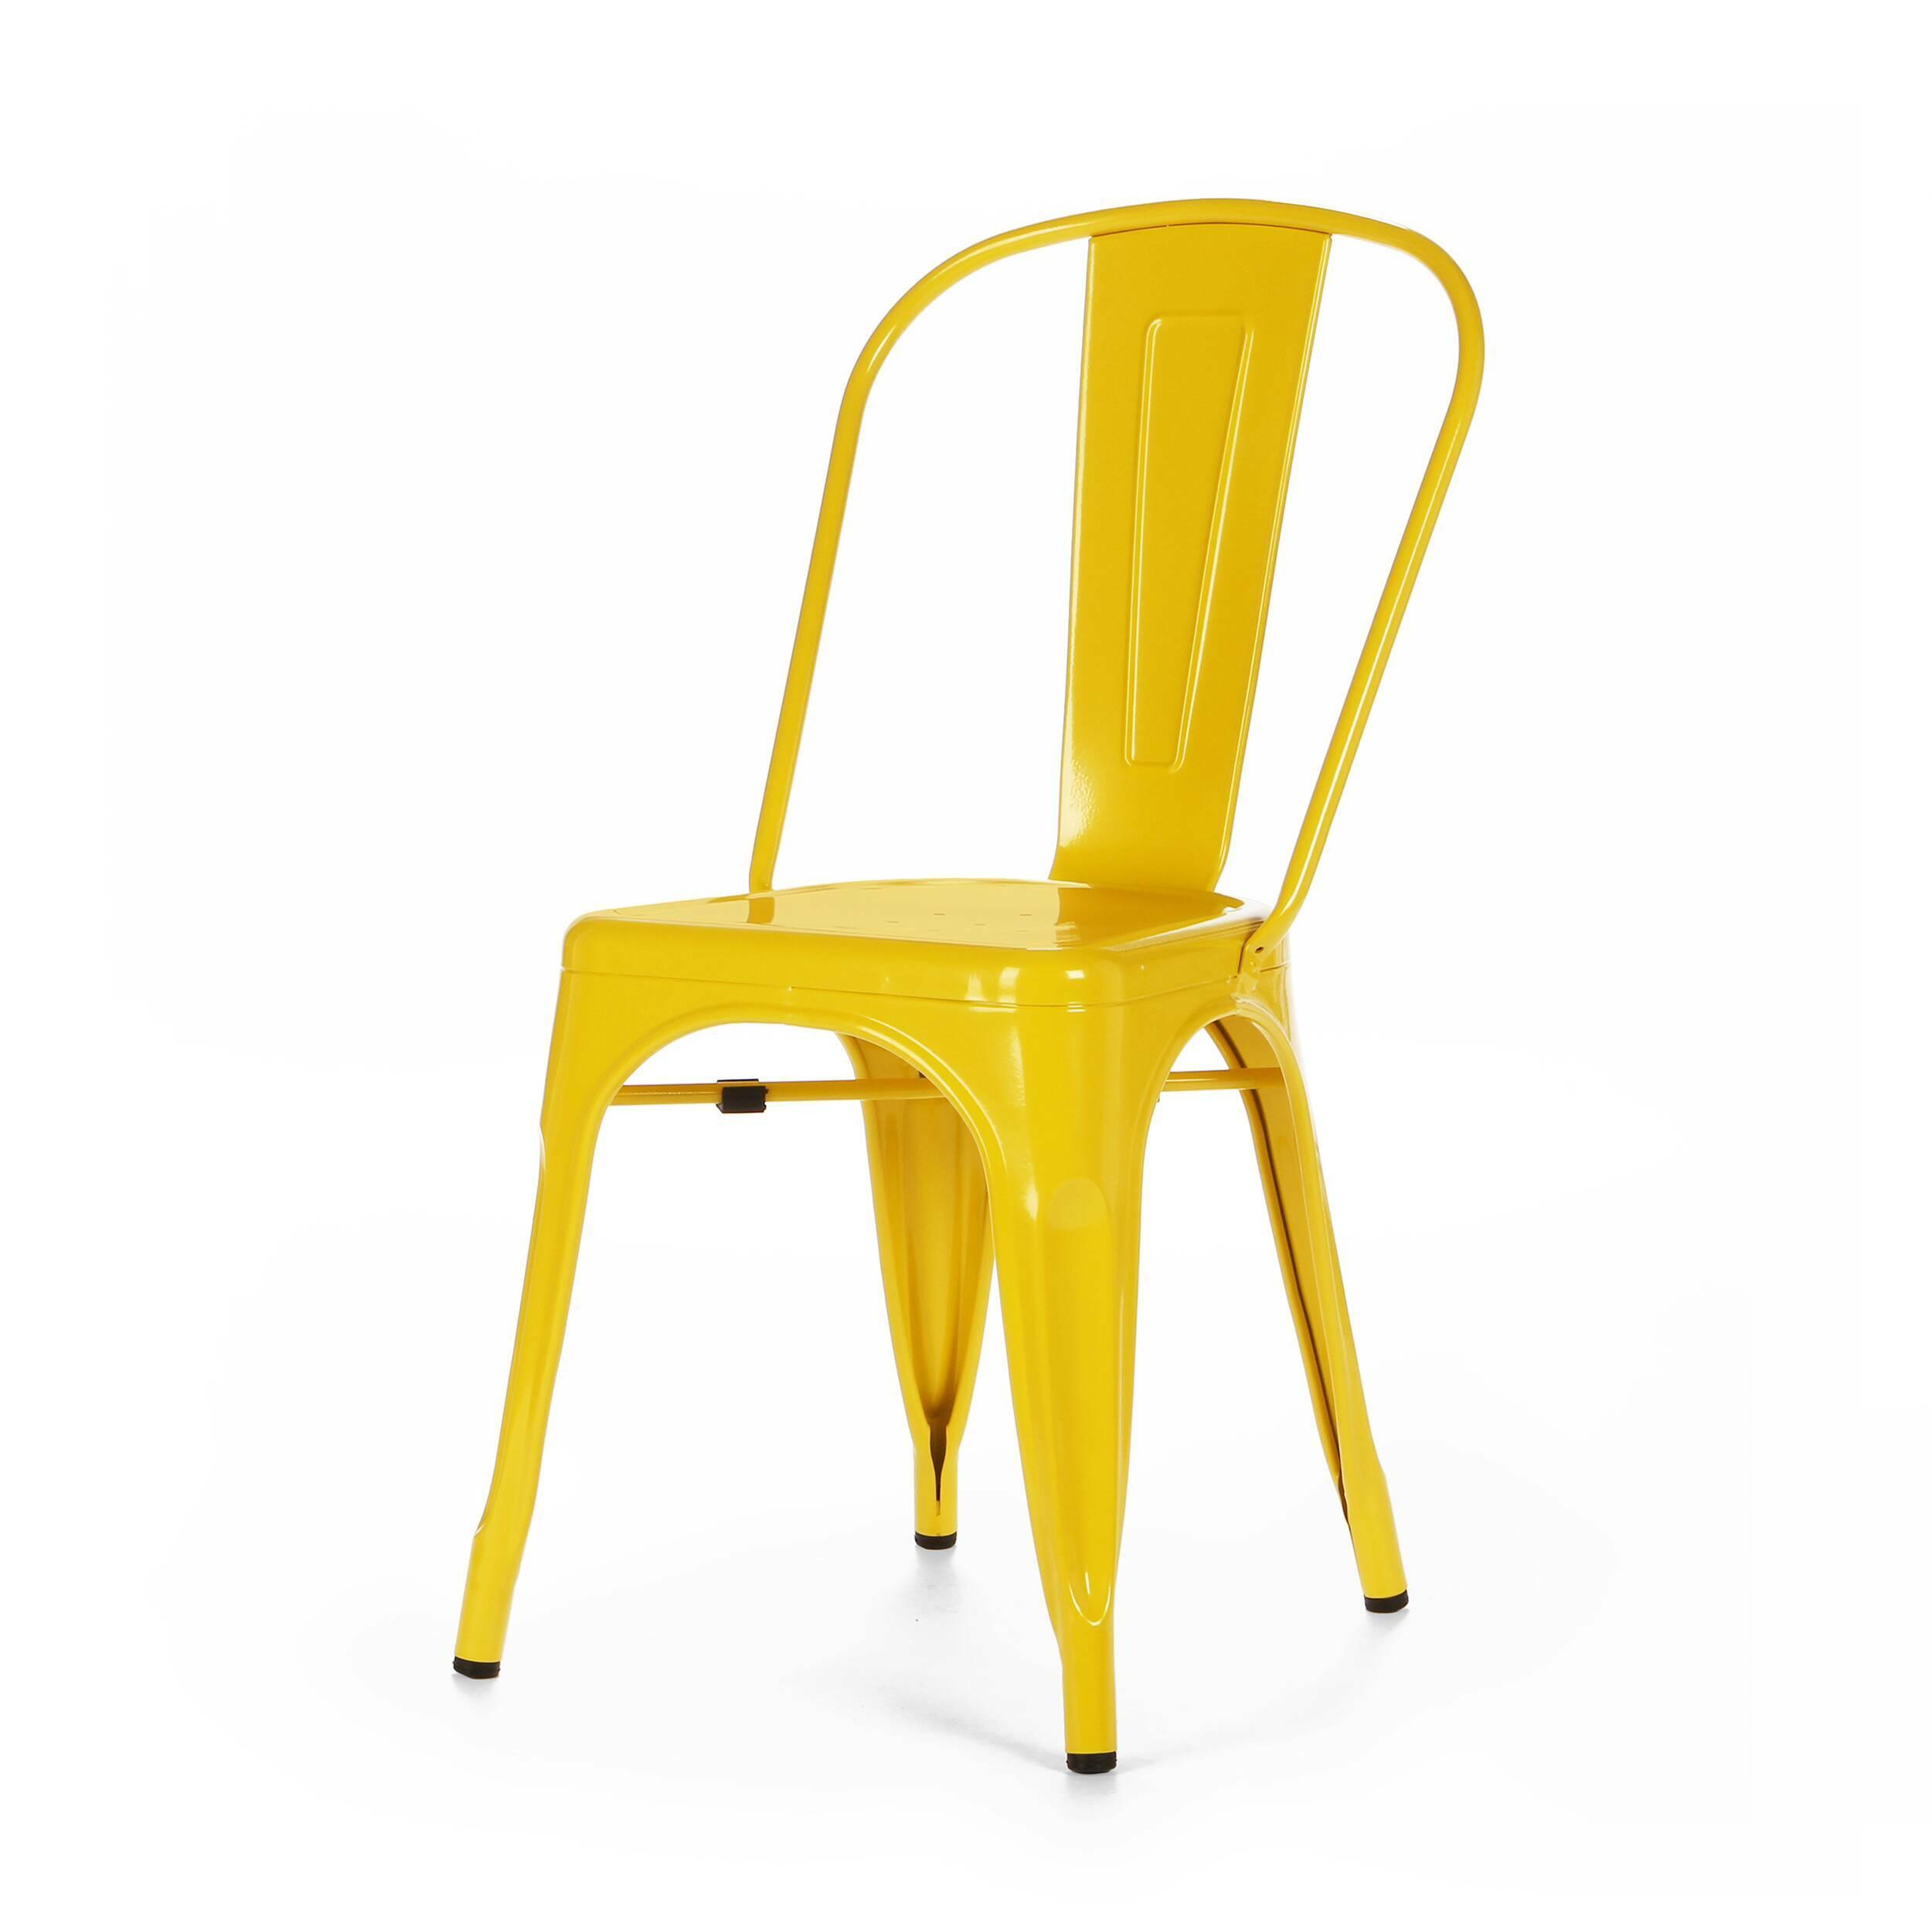 Стул Marais ColorИнтерьерные<br>Дизайнерский яркий однотонный стул Marais Color (Мэрейс Колор) из стали без подлокотников от Cosmo (Космо).<br>Яркий дизайн стула Marais Color непременно понравится вам и вашей семье. Насыщенные цвета задали положительный тон облику изделия, поэтому он невероятно актуален для декорирования гостиных, детских и кухонь в стиле лофт. Лофт — это сочетание старого (кирпичные, отштукатуренные или крашеные стены, дощатый пол) и нового (стекло, металл, ультрасовременная бытовая техника).<br><br>     Примеча...<br><br>stock: 3<br>Высота: 84,5<br>Высота сиденья: 46<br>Ширина: 53<br>Глубина: 45<br>Тип материала каркаса: Сталь<br>Цвет каркаса: Желтый